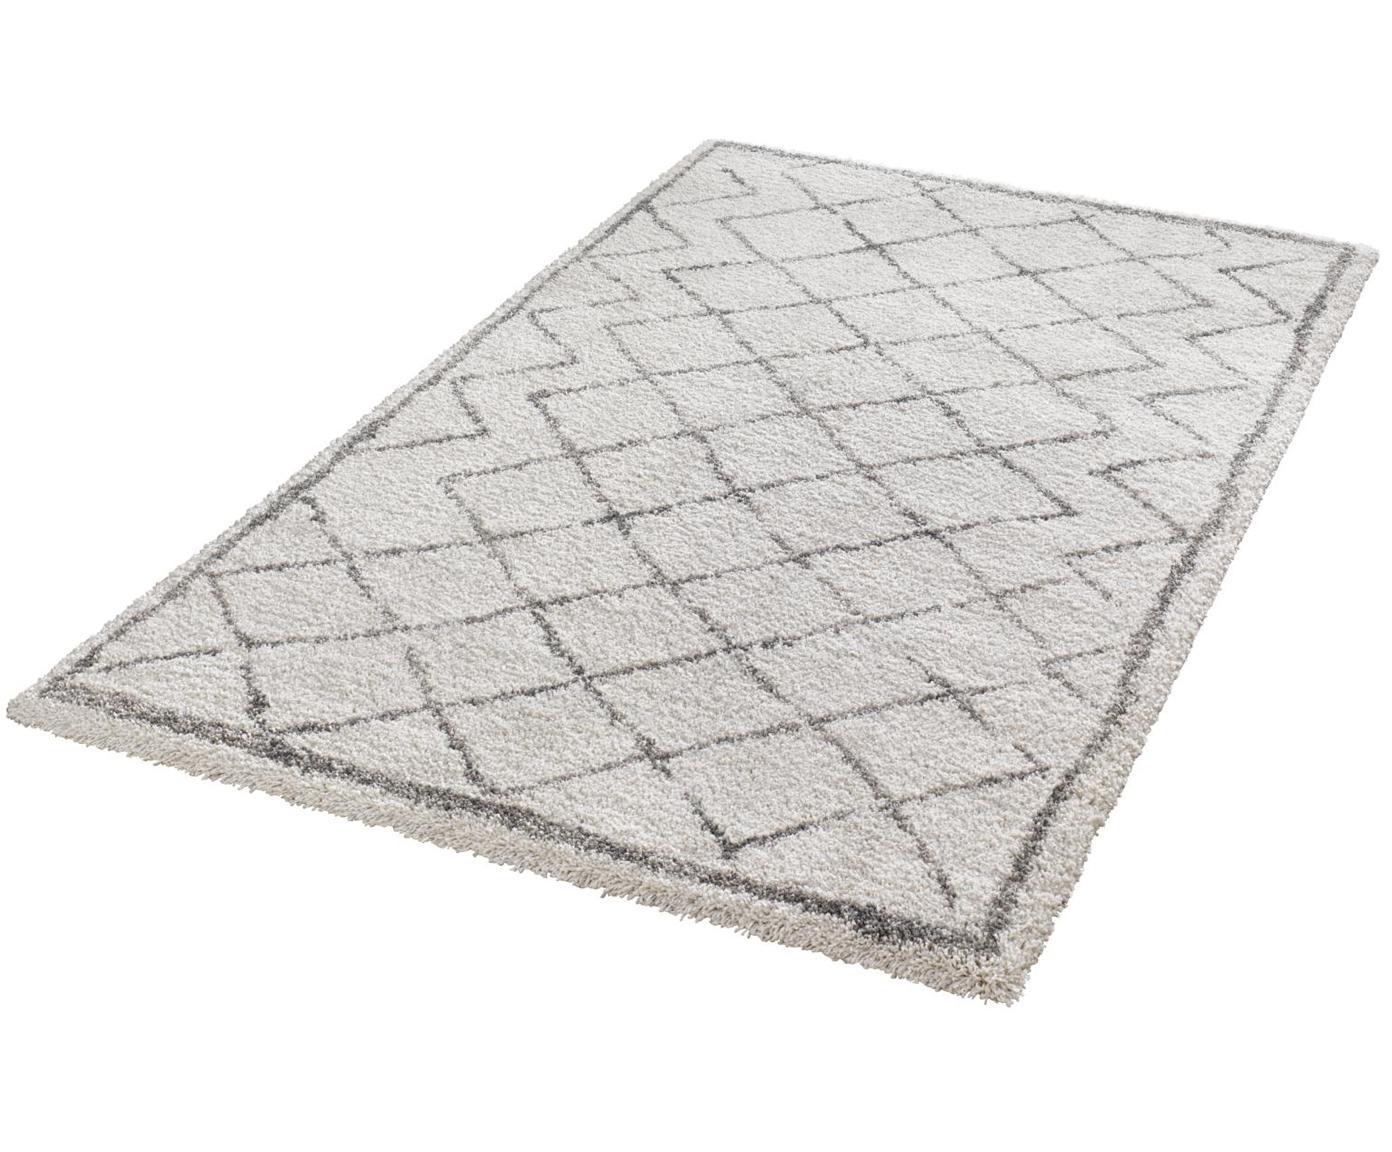 Hochflor-Teppich Grace Diamond mit Rautenmuster, Grau/Creme, Flor: 100% Polypropylen, Creme, Grau, B 160 x L 230 cm (Größe M)